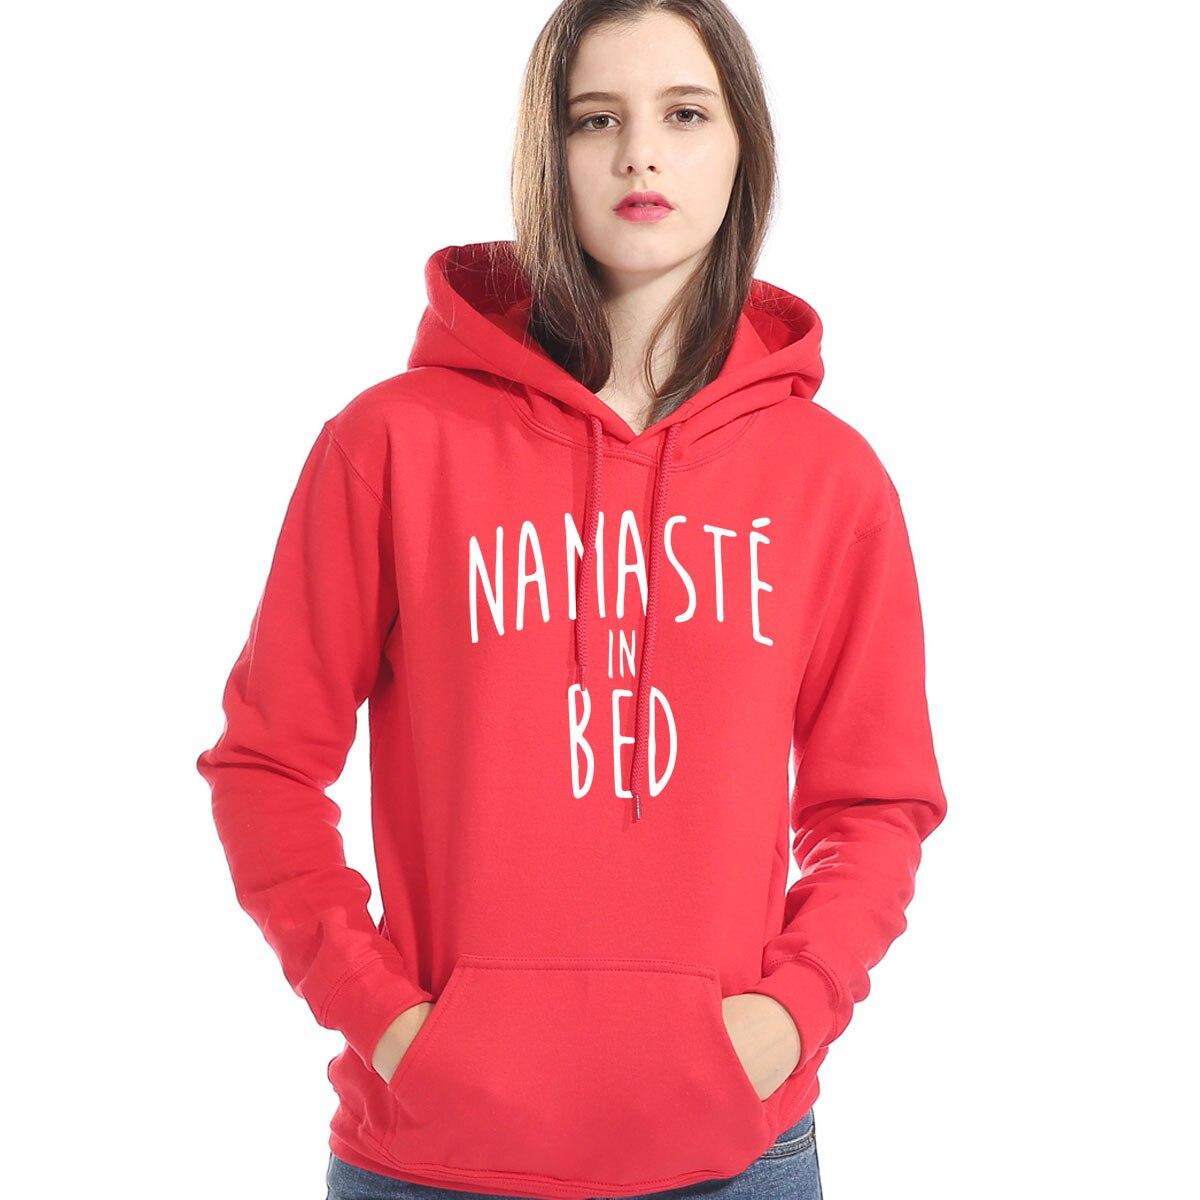 Funny Print Letter NAMASTE IN BED 2019 Winter Fleece Hoodie Casual Female Pullover Sportswear Womens Hoodies Harajuku Sweatshirt